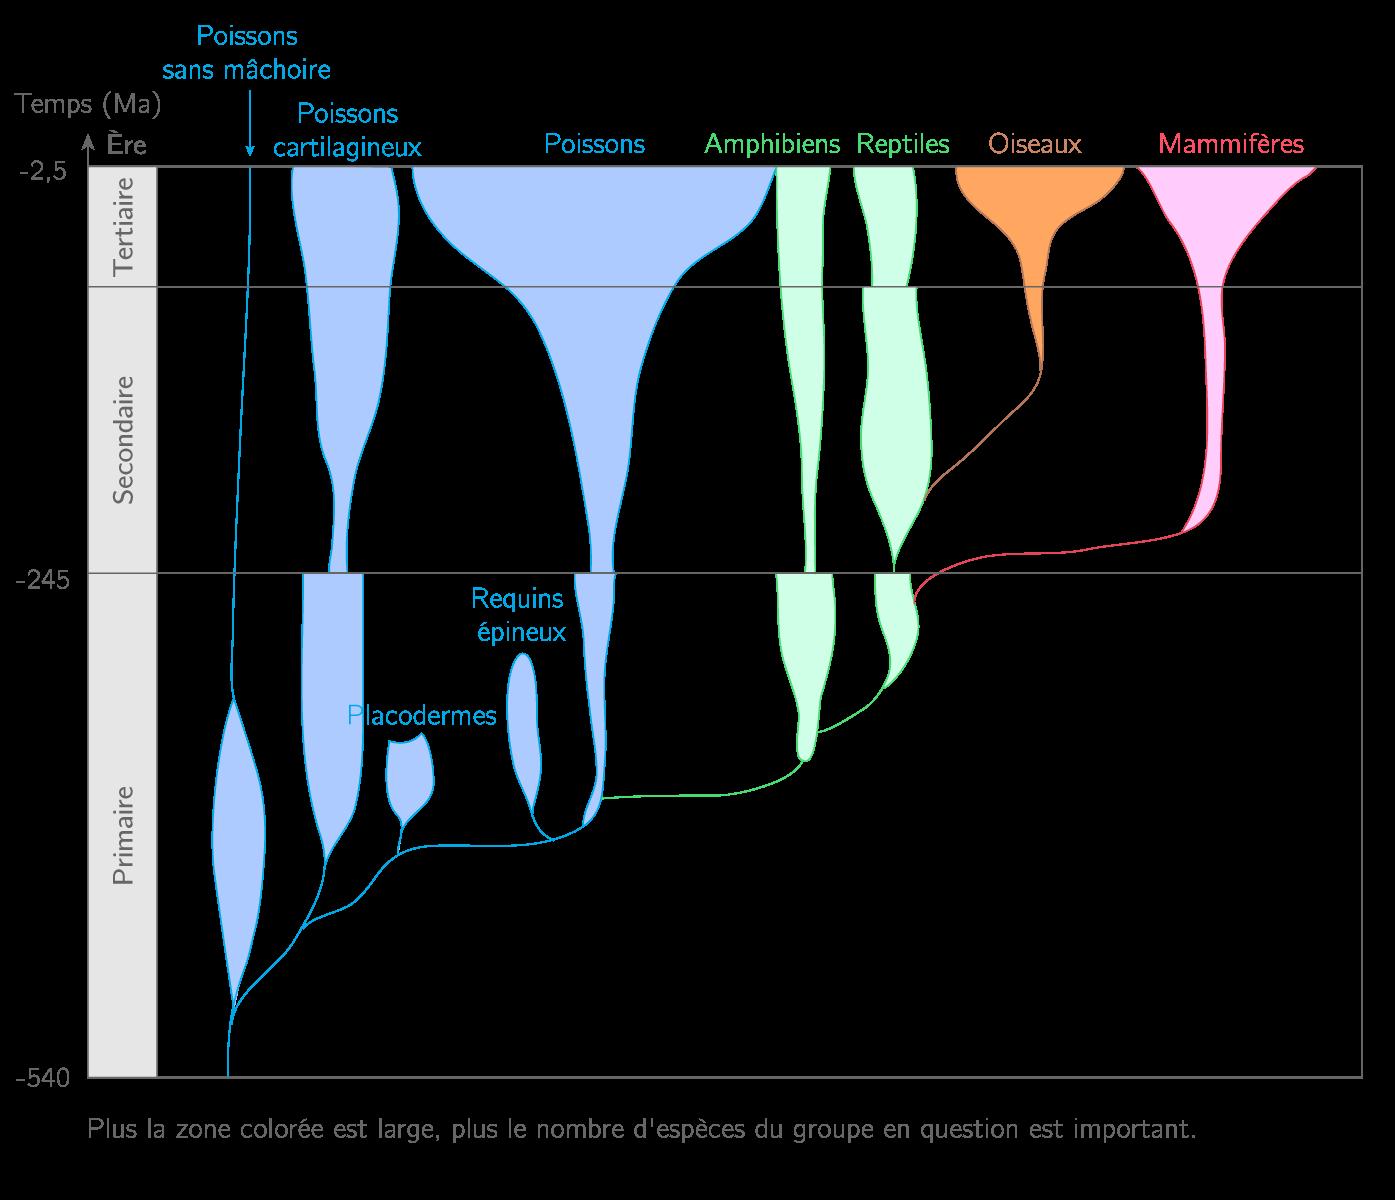 Arbre d'évolution simplifié des grands groupes de vertébrés